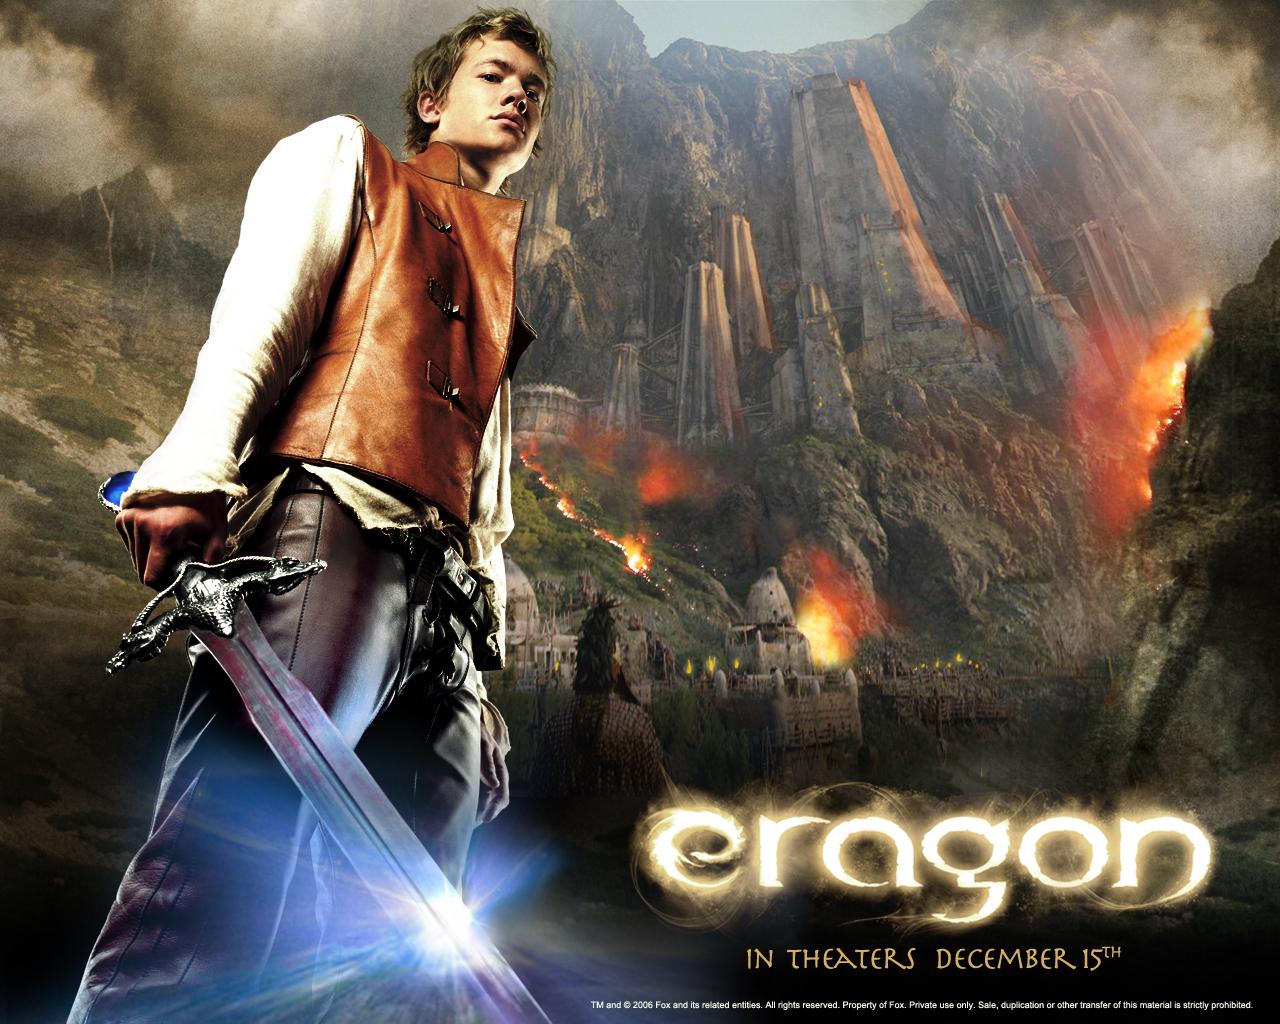 Eragon Pictures 20